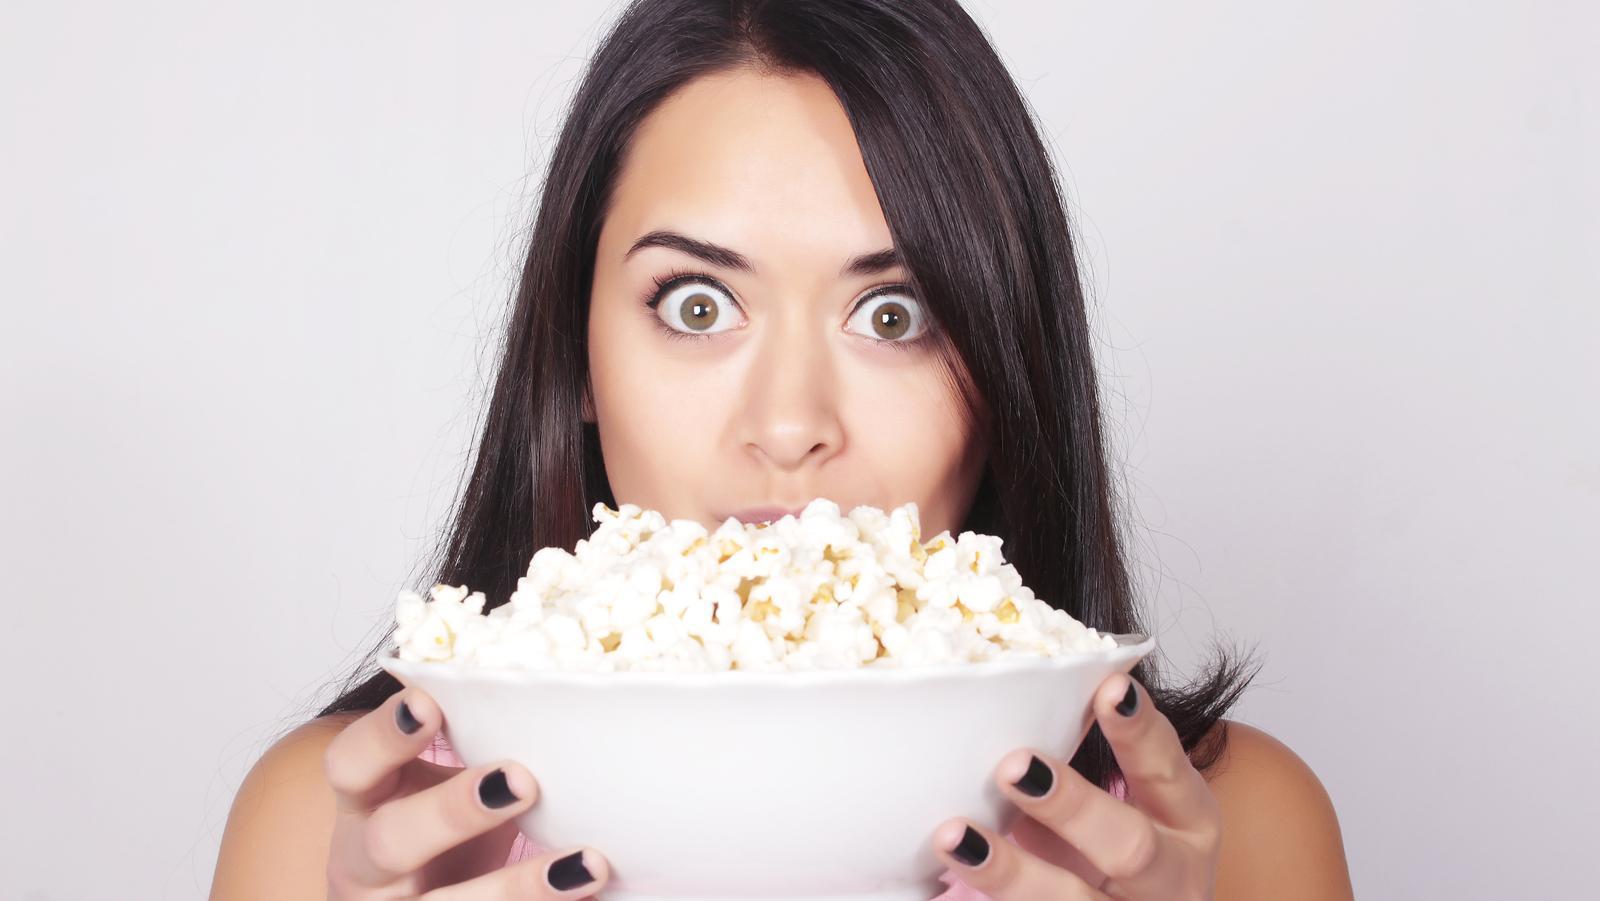 Alimenti dannosi per la salute: li dimentichi subito!